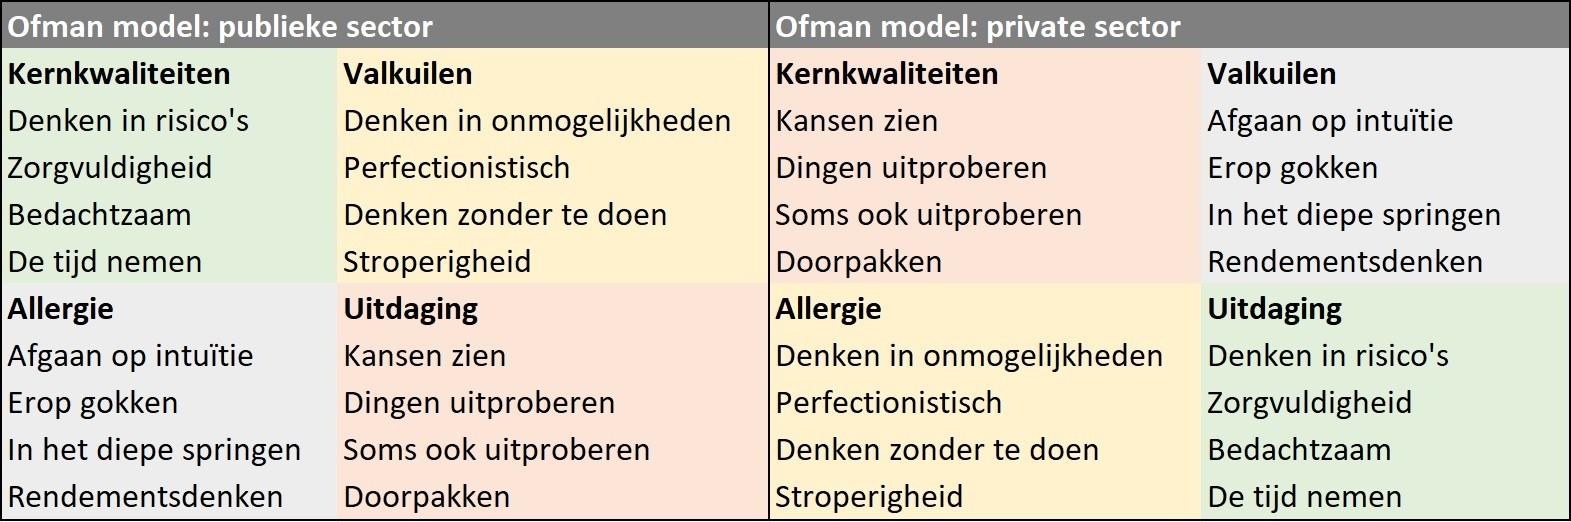 Publiek private sector advies14.jpg